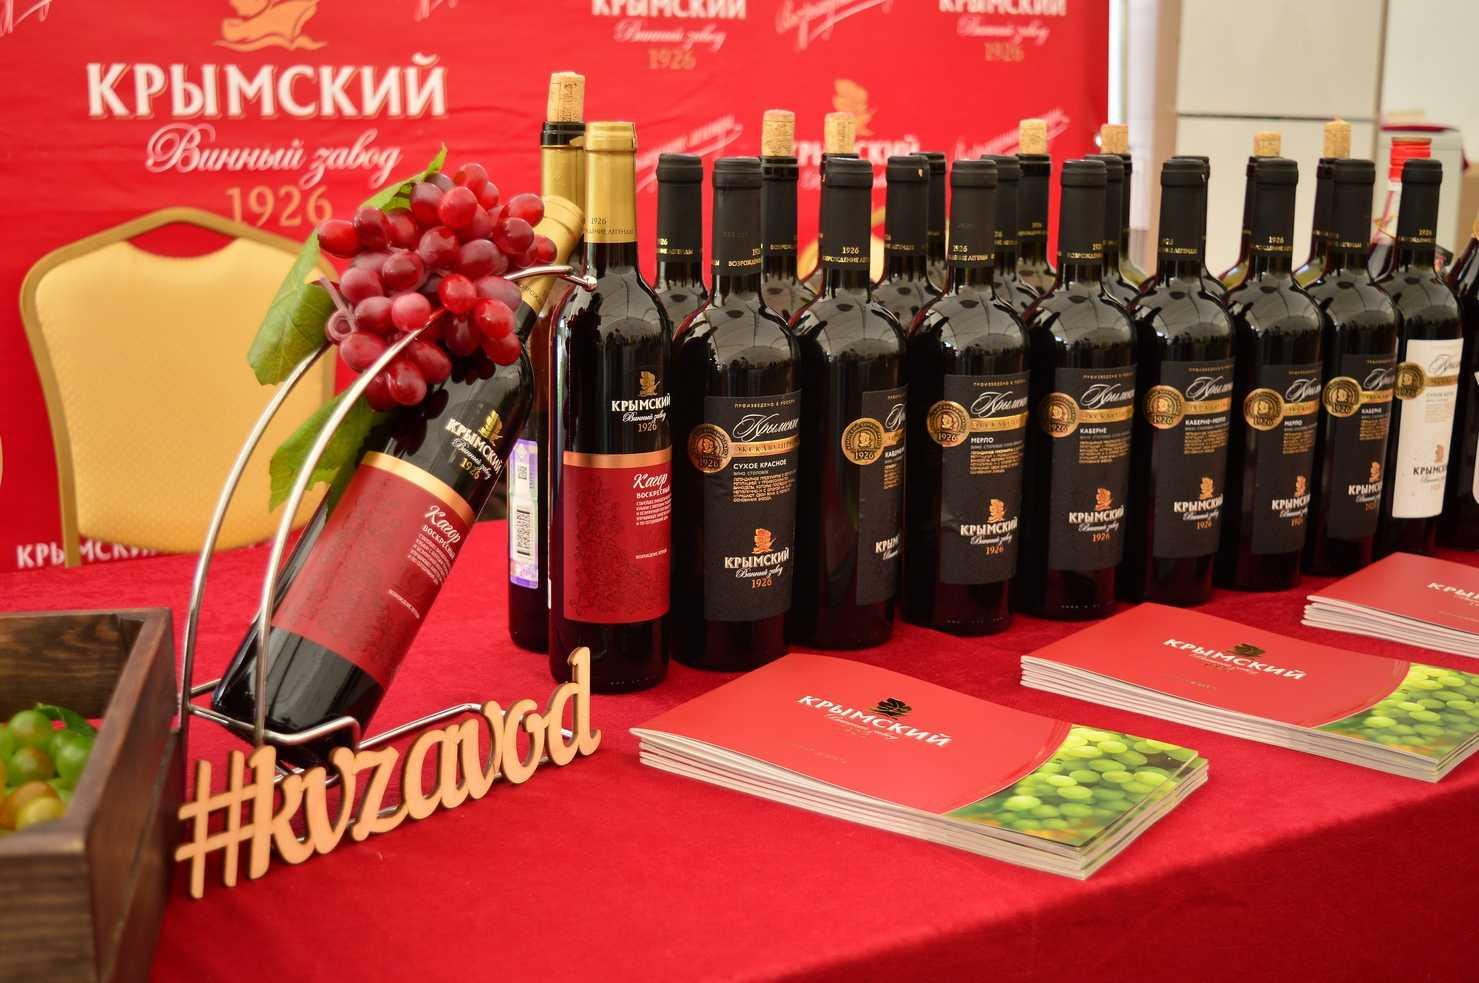 Коллекция кубанских вин «Крымское Эксклюзивное»